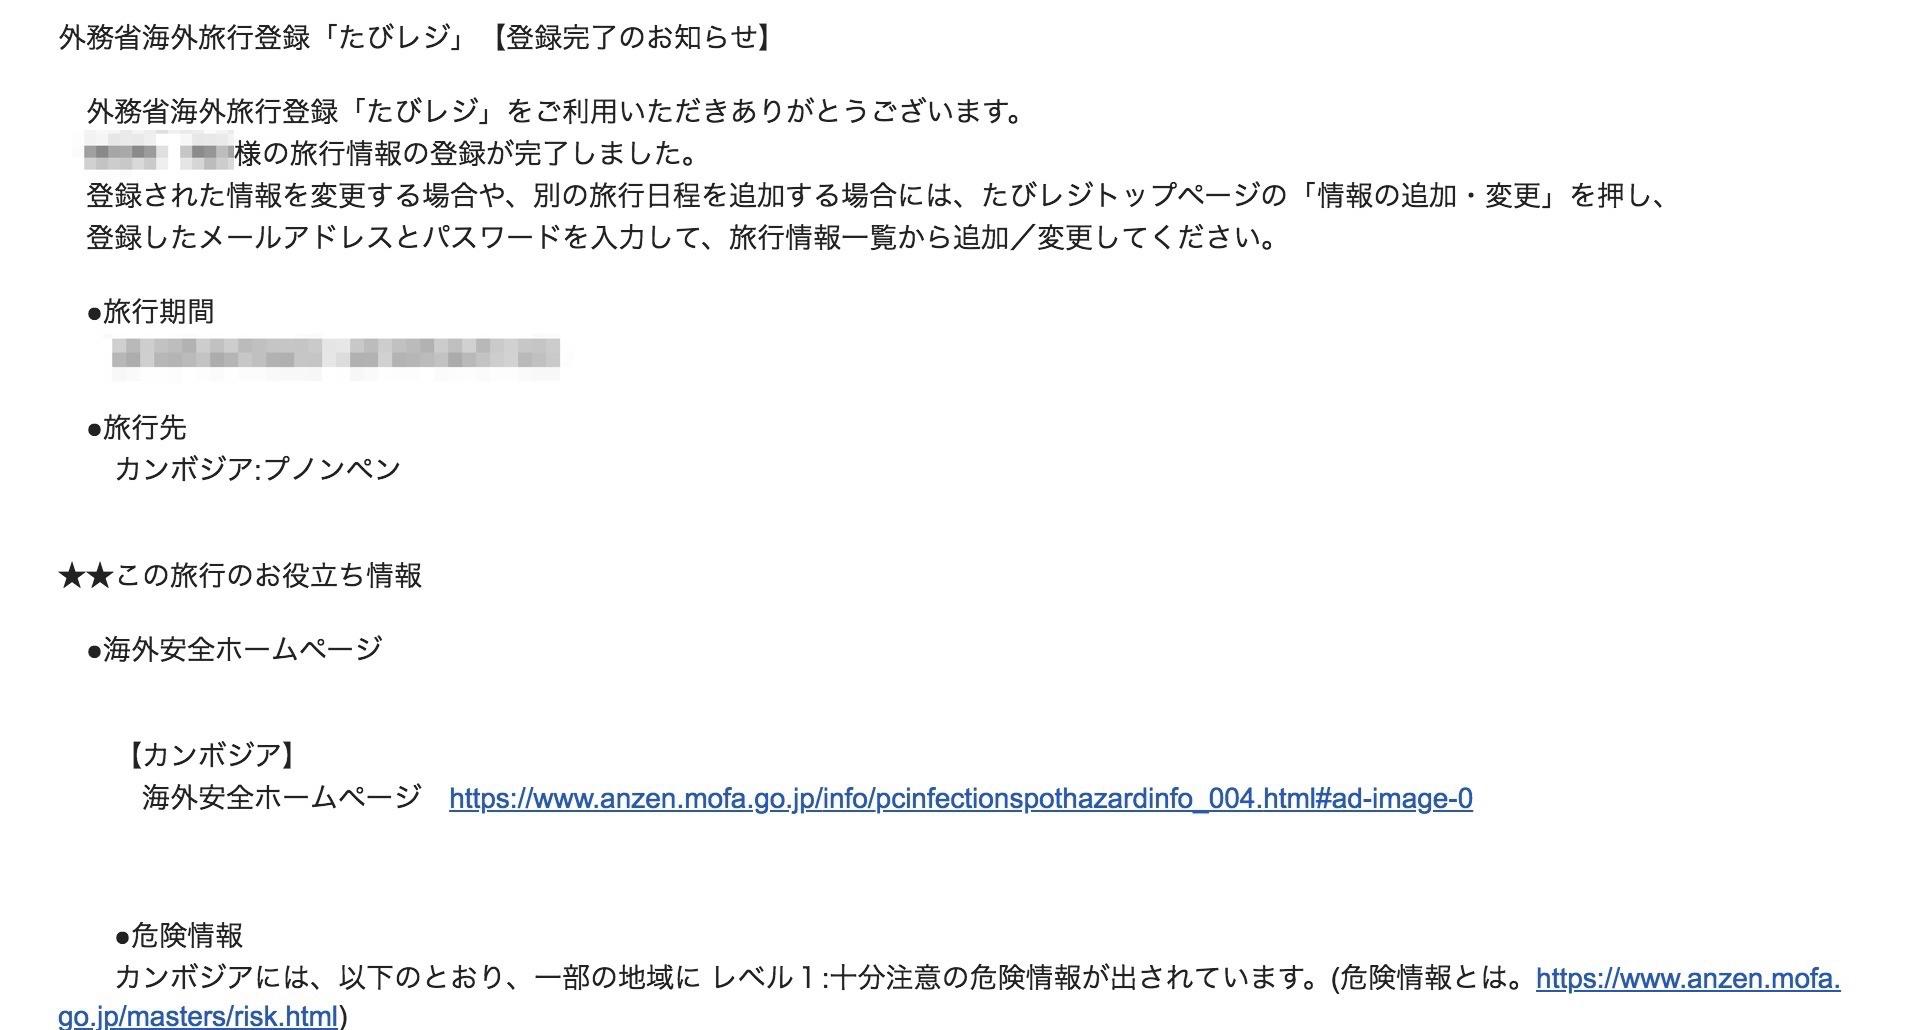 「たびレジ」登録完了メール